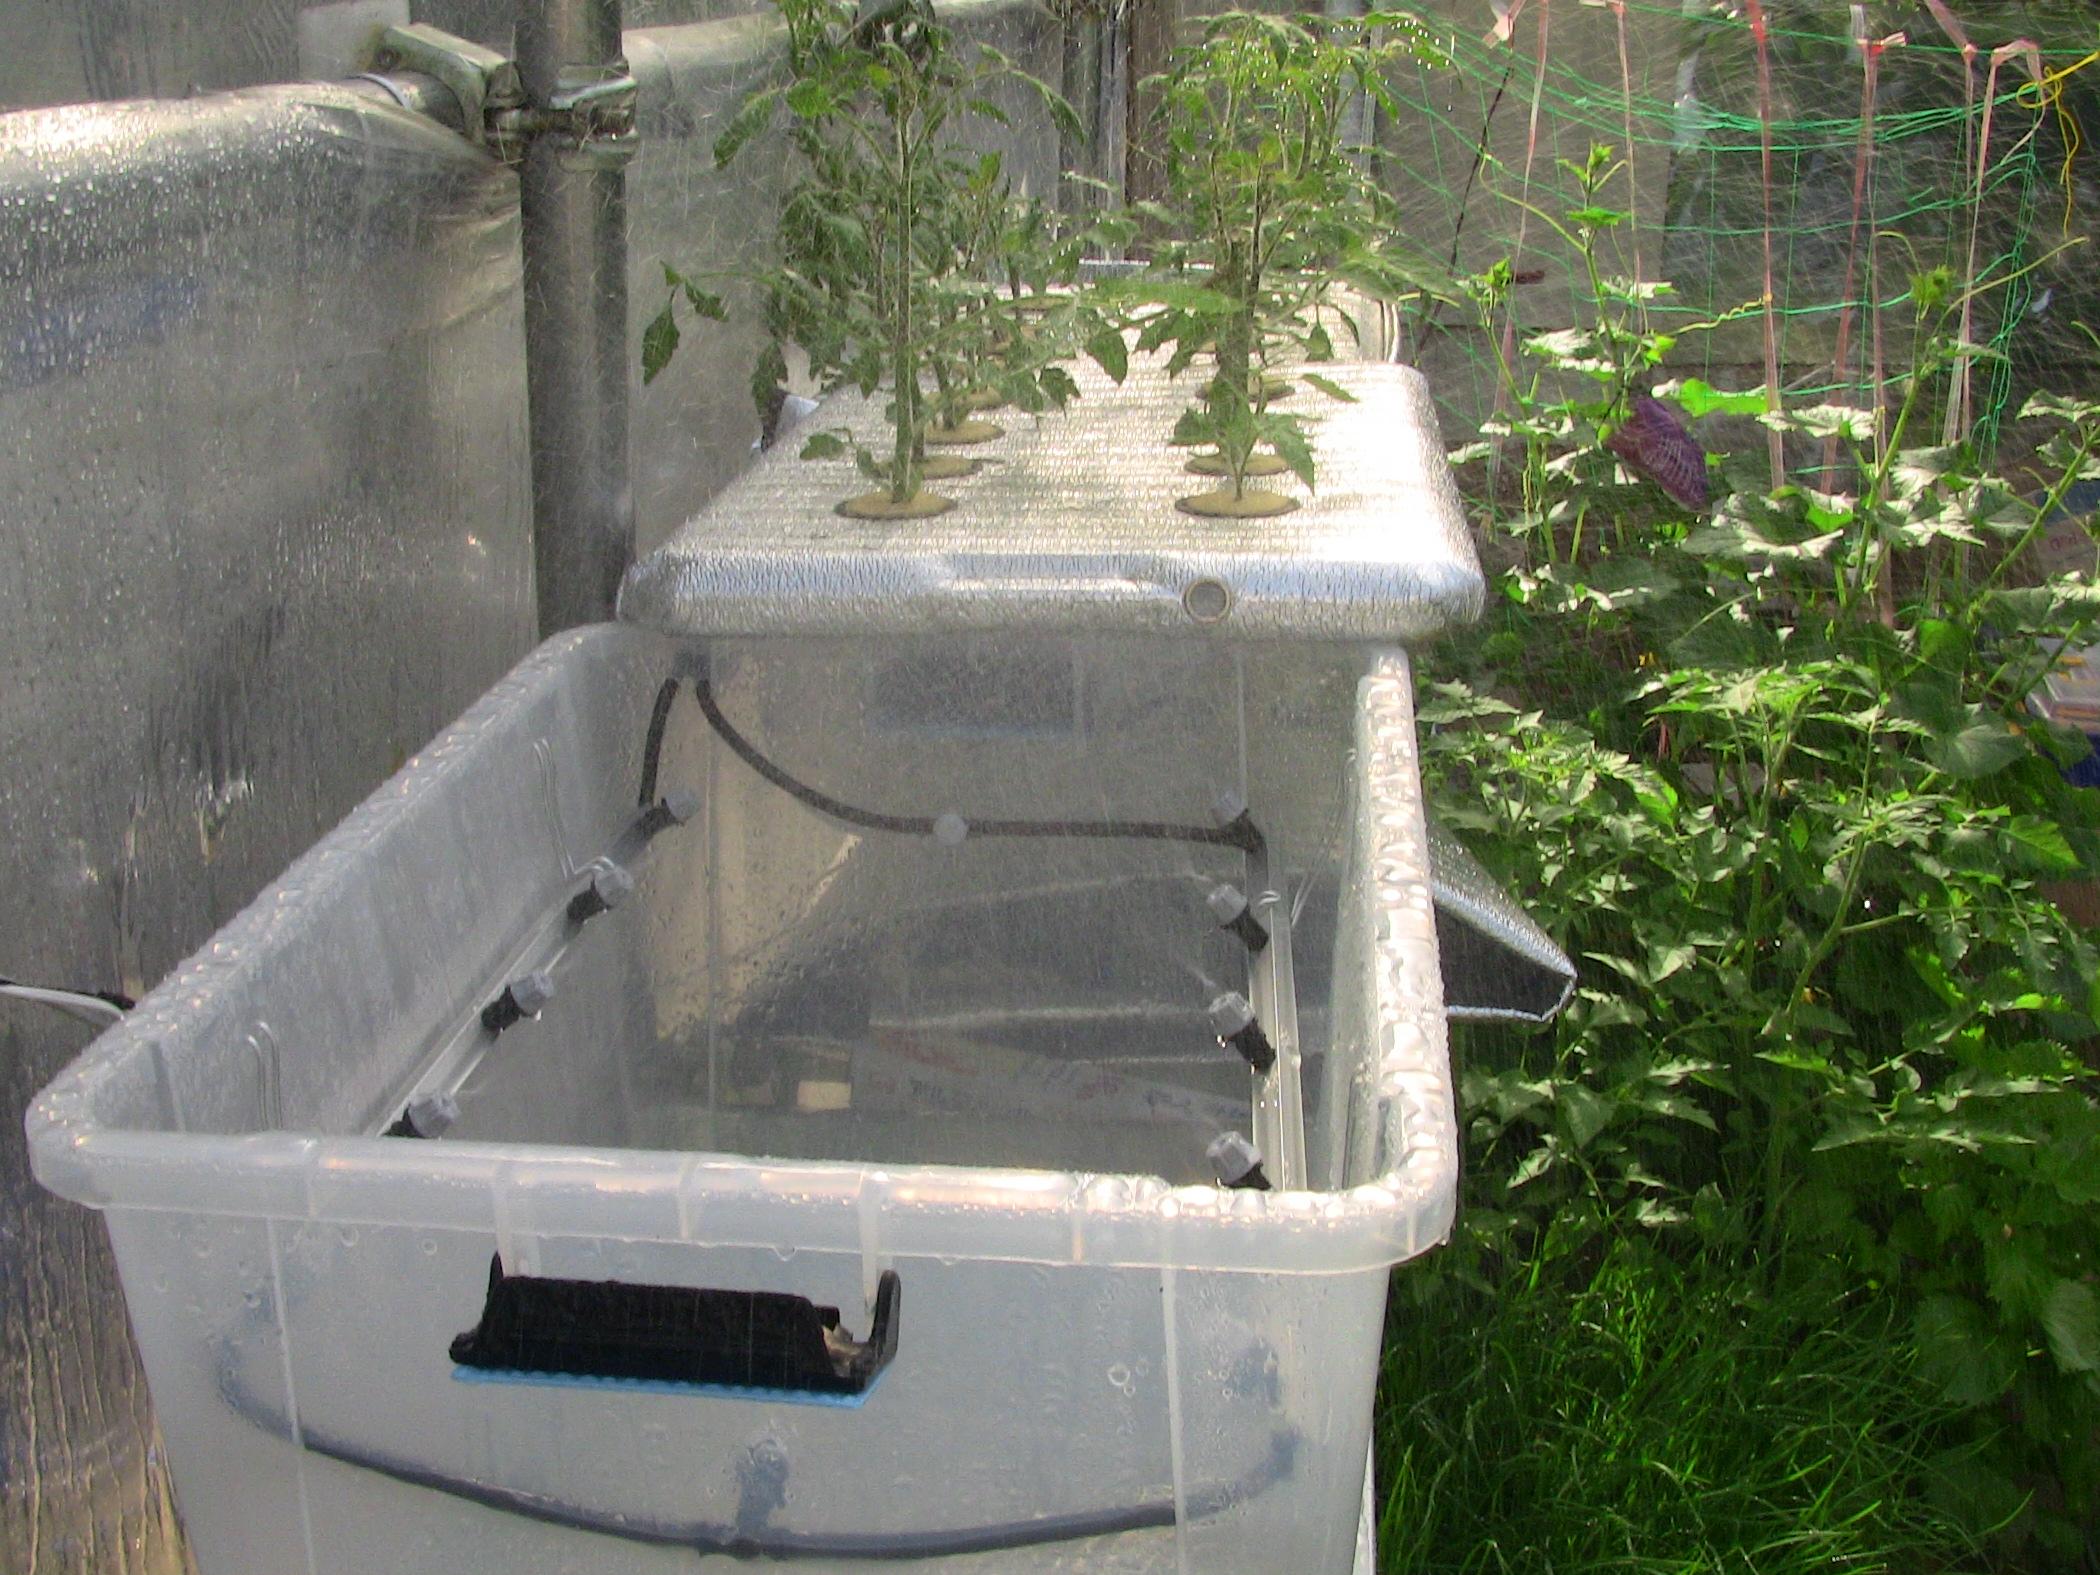 『 噴霧式(エアロポニック)水耕栽培装置を自作してみた 』 について詳しく記しています。**太郎よりずっと大きく相当リーズナブルです。..そしてこちらが2号機になります。1号機と同じように勢いよく噴霧されています。..